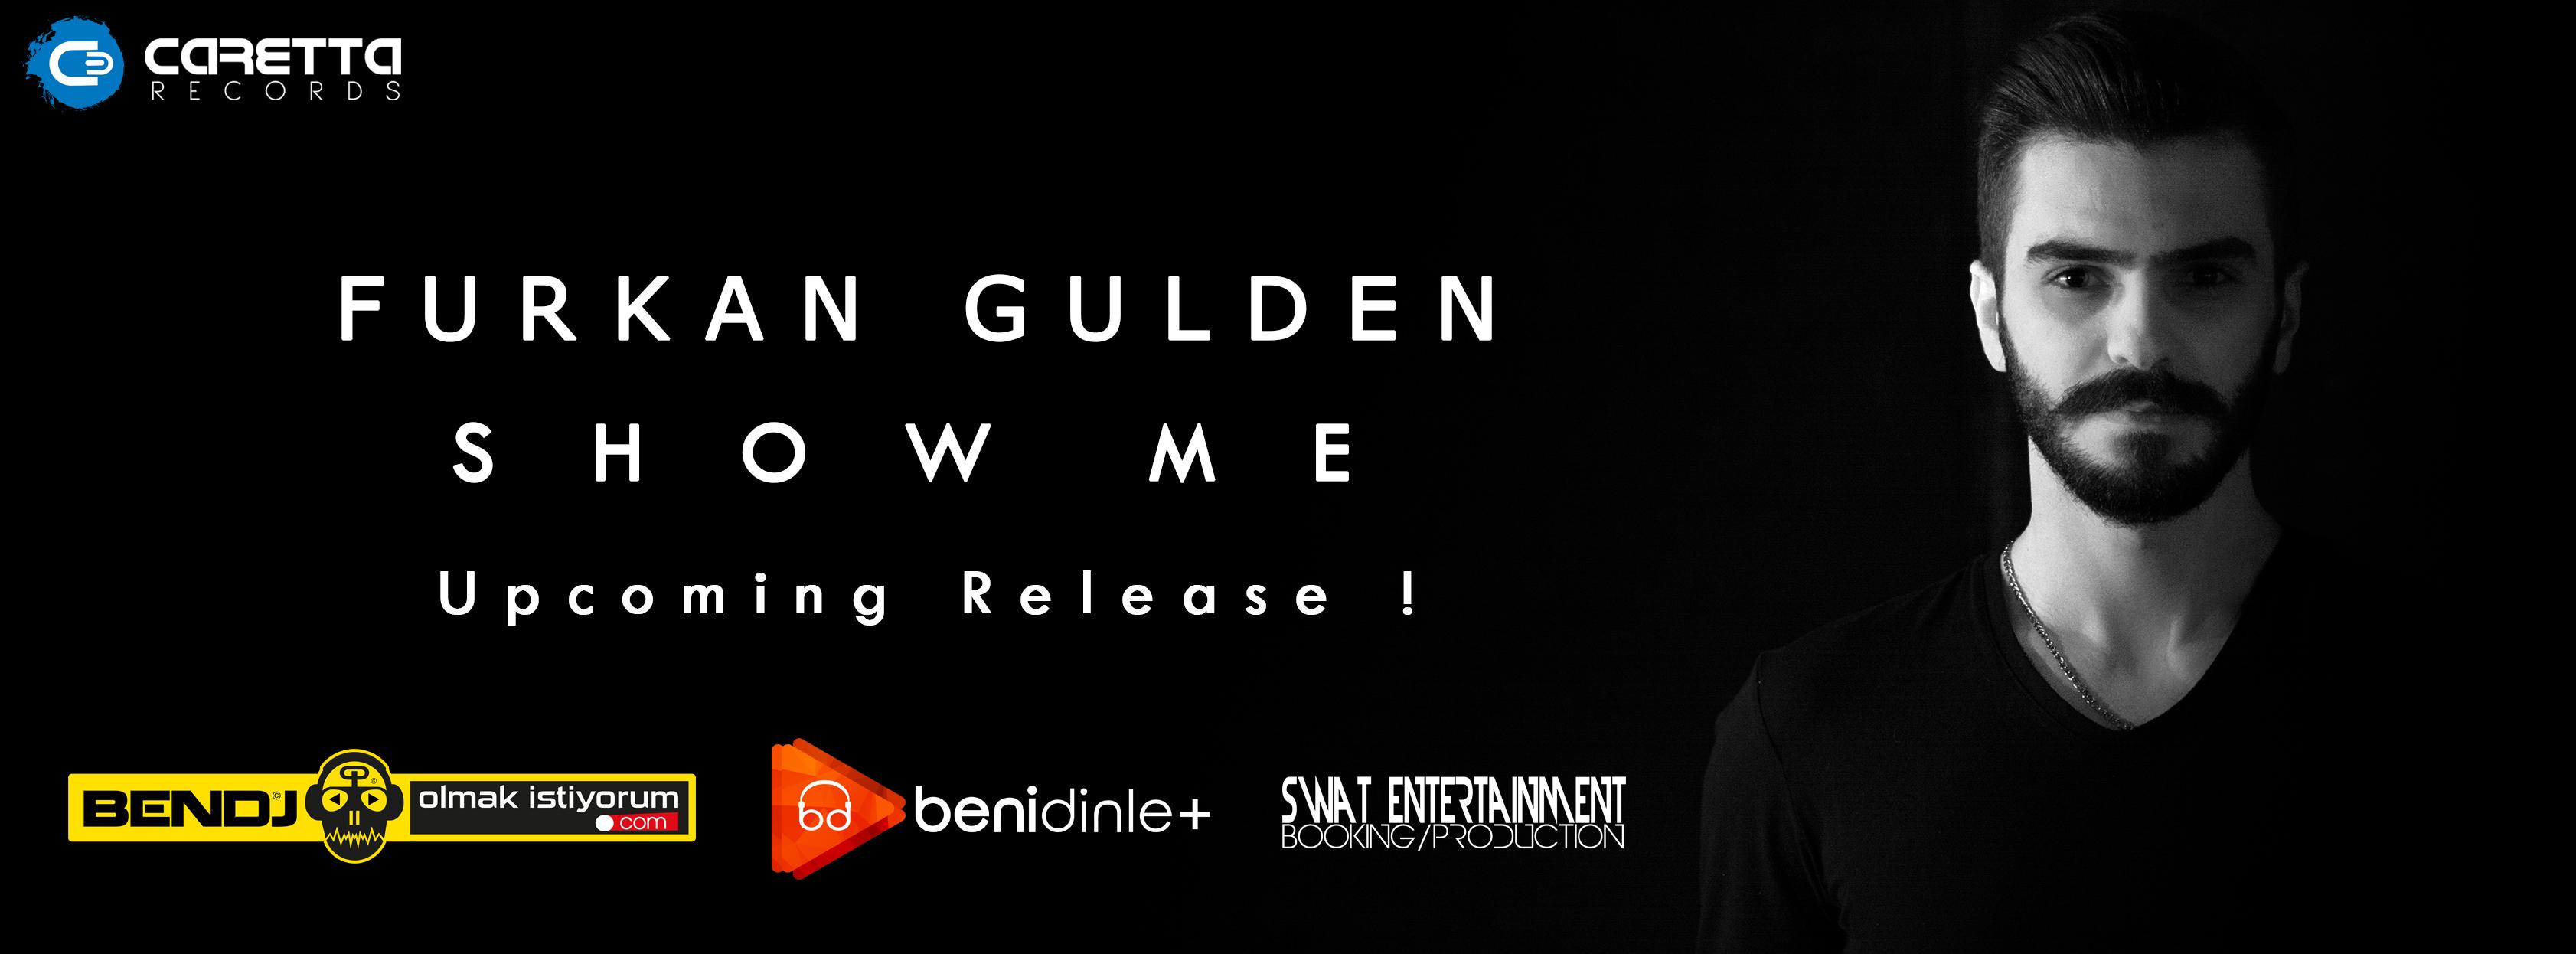 Furkan Gulden Show Me albüm çalışması !